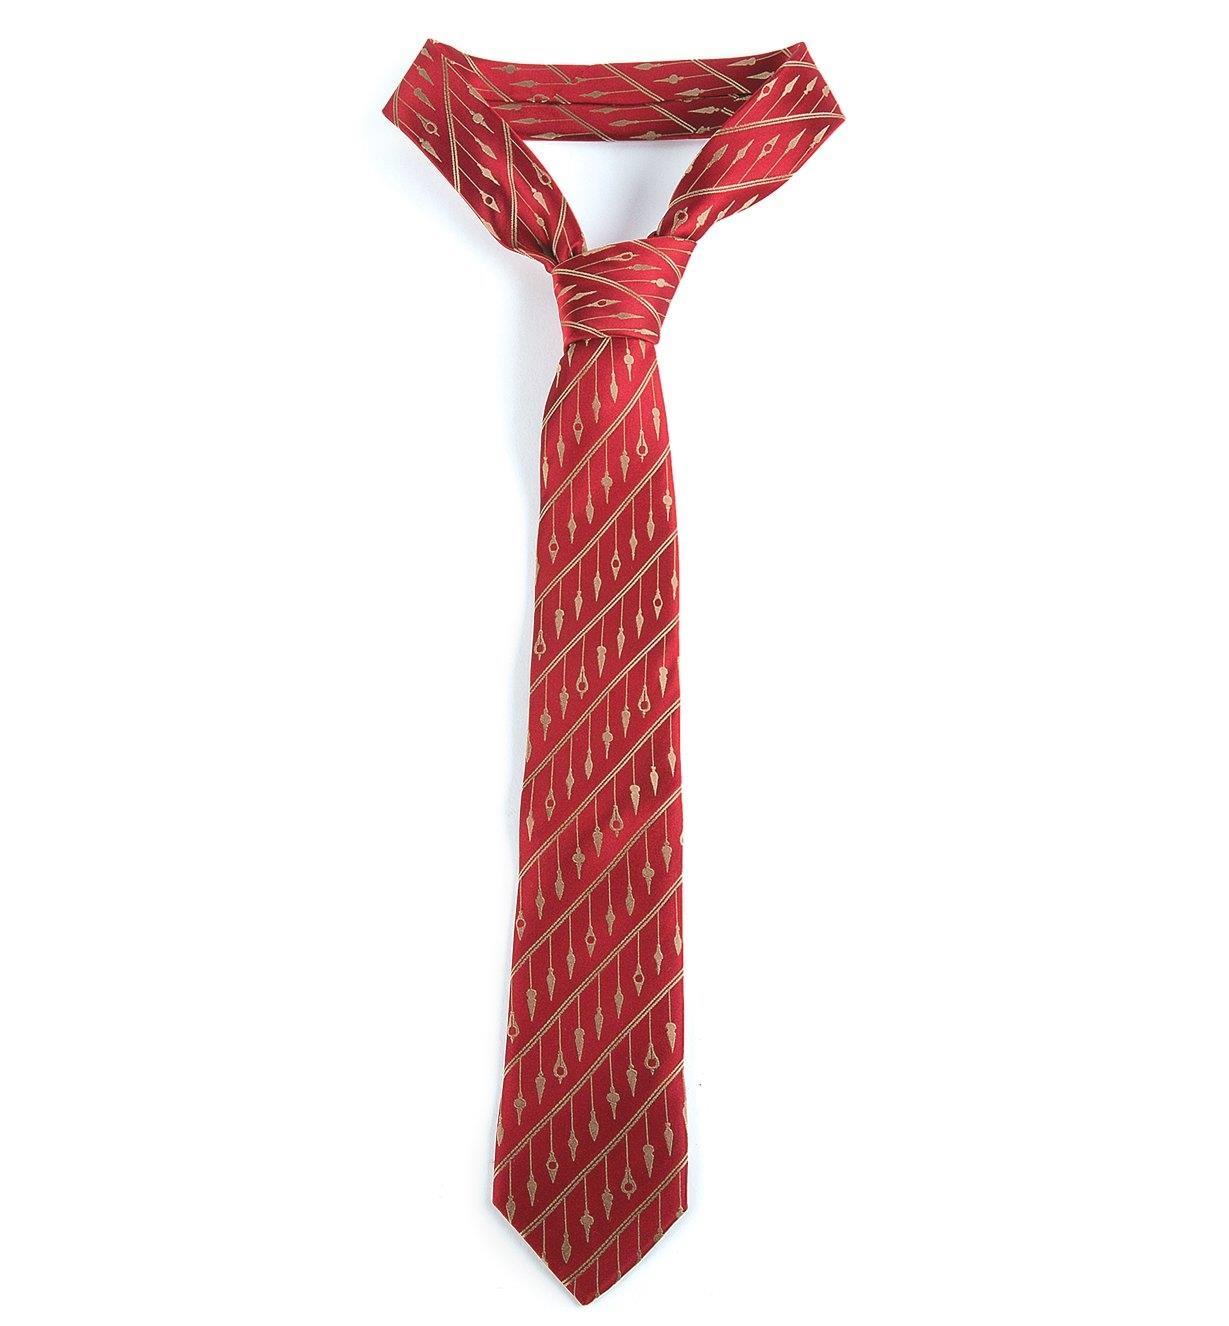 67K3090 - Woodworker's Necktie